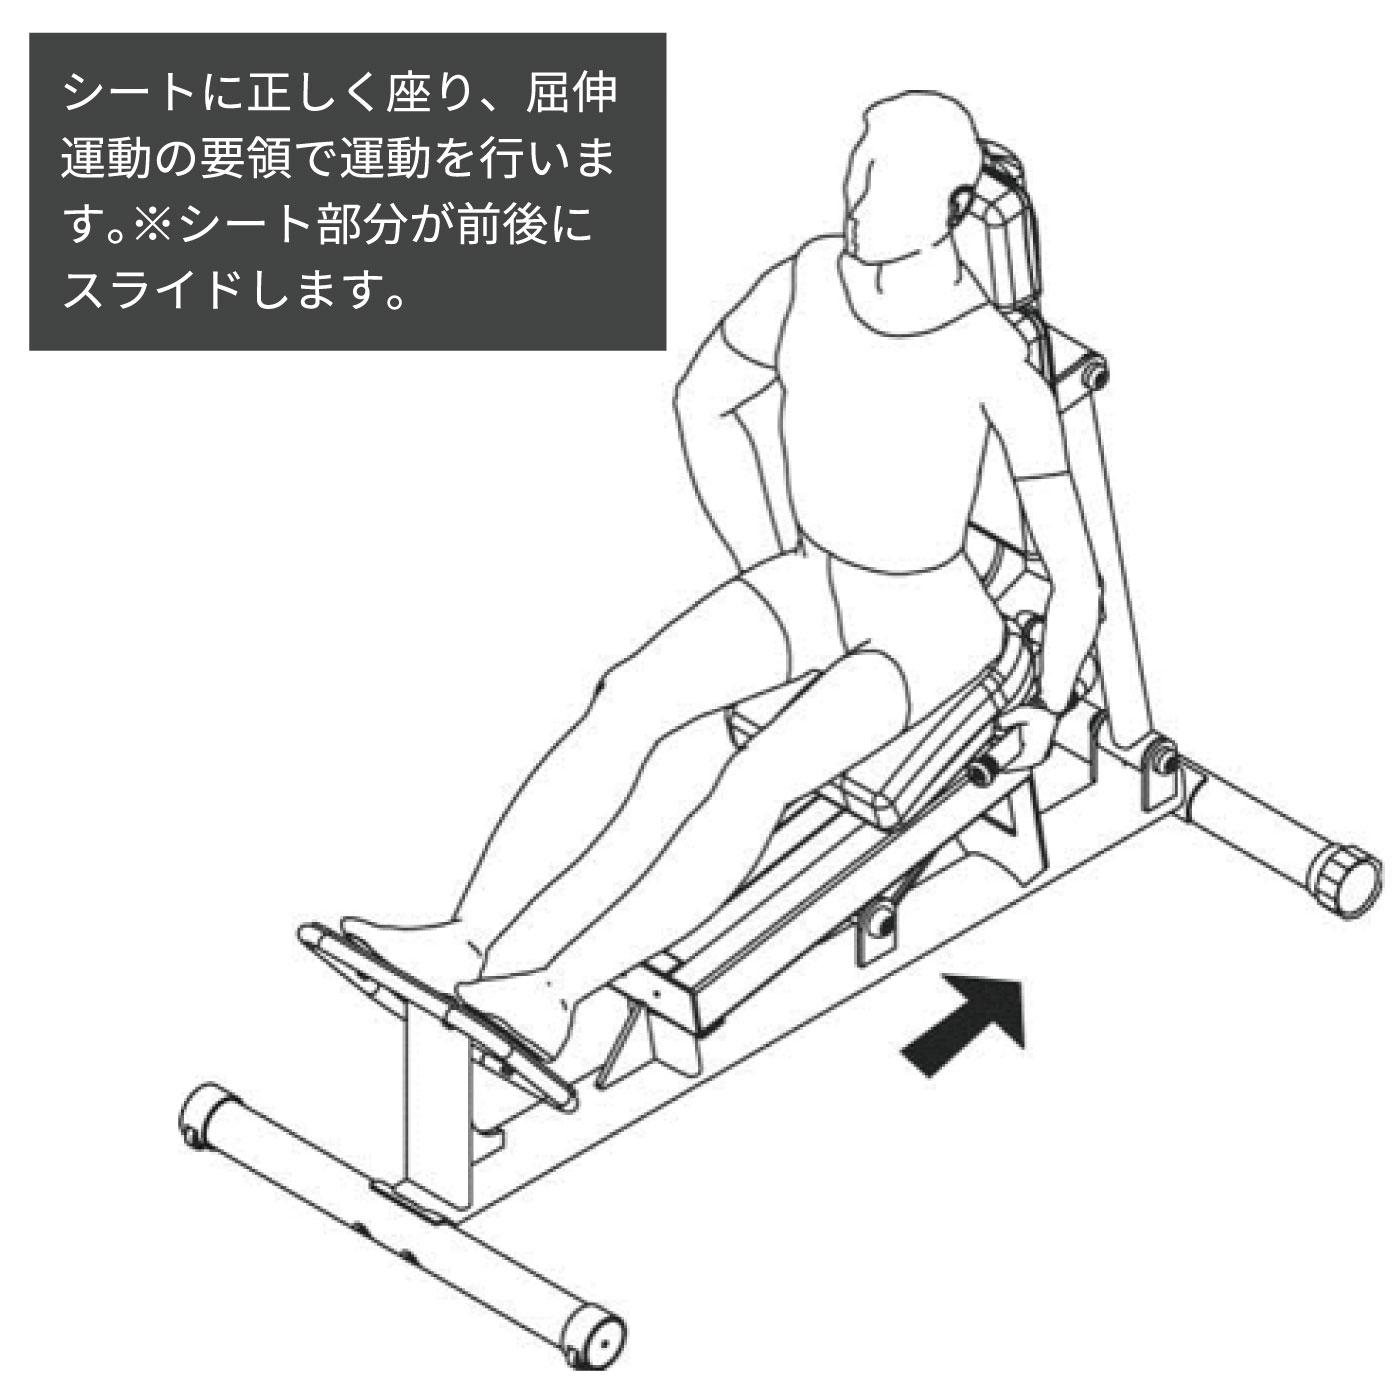 DK-1207のトレーニング方法